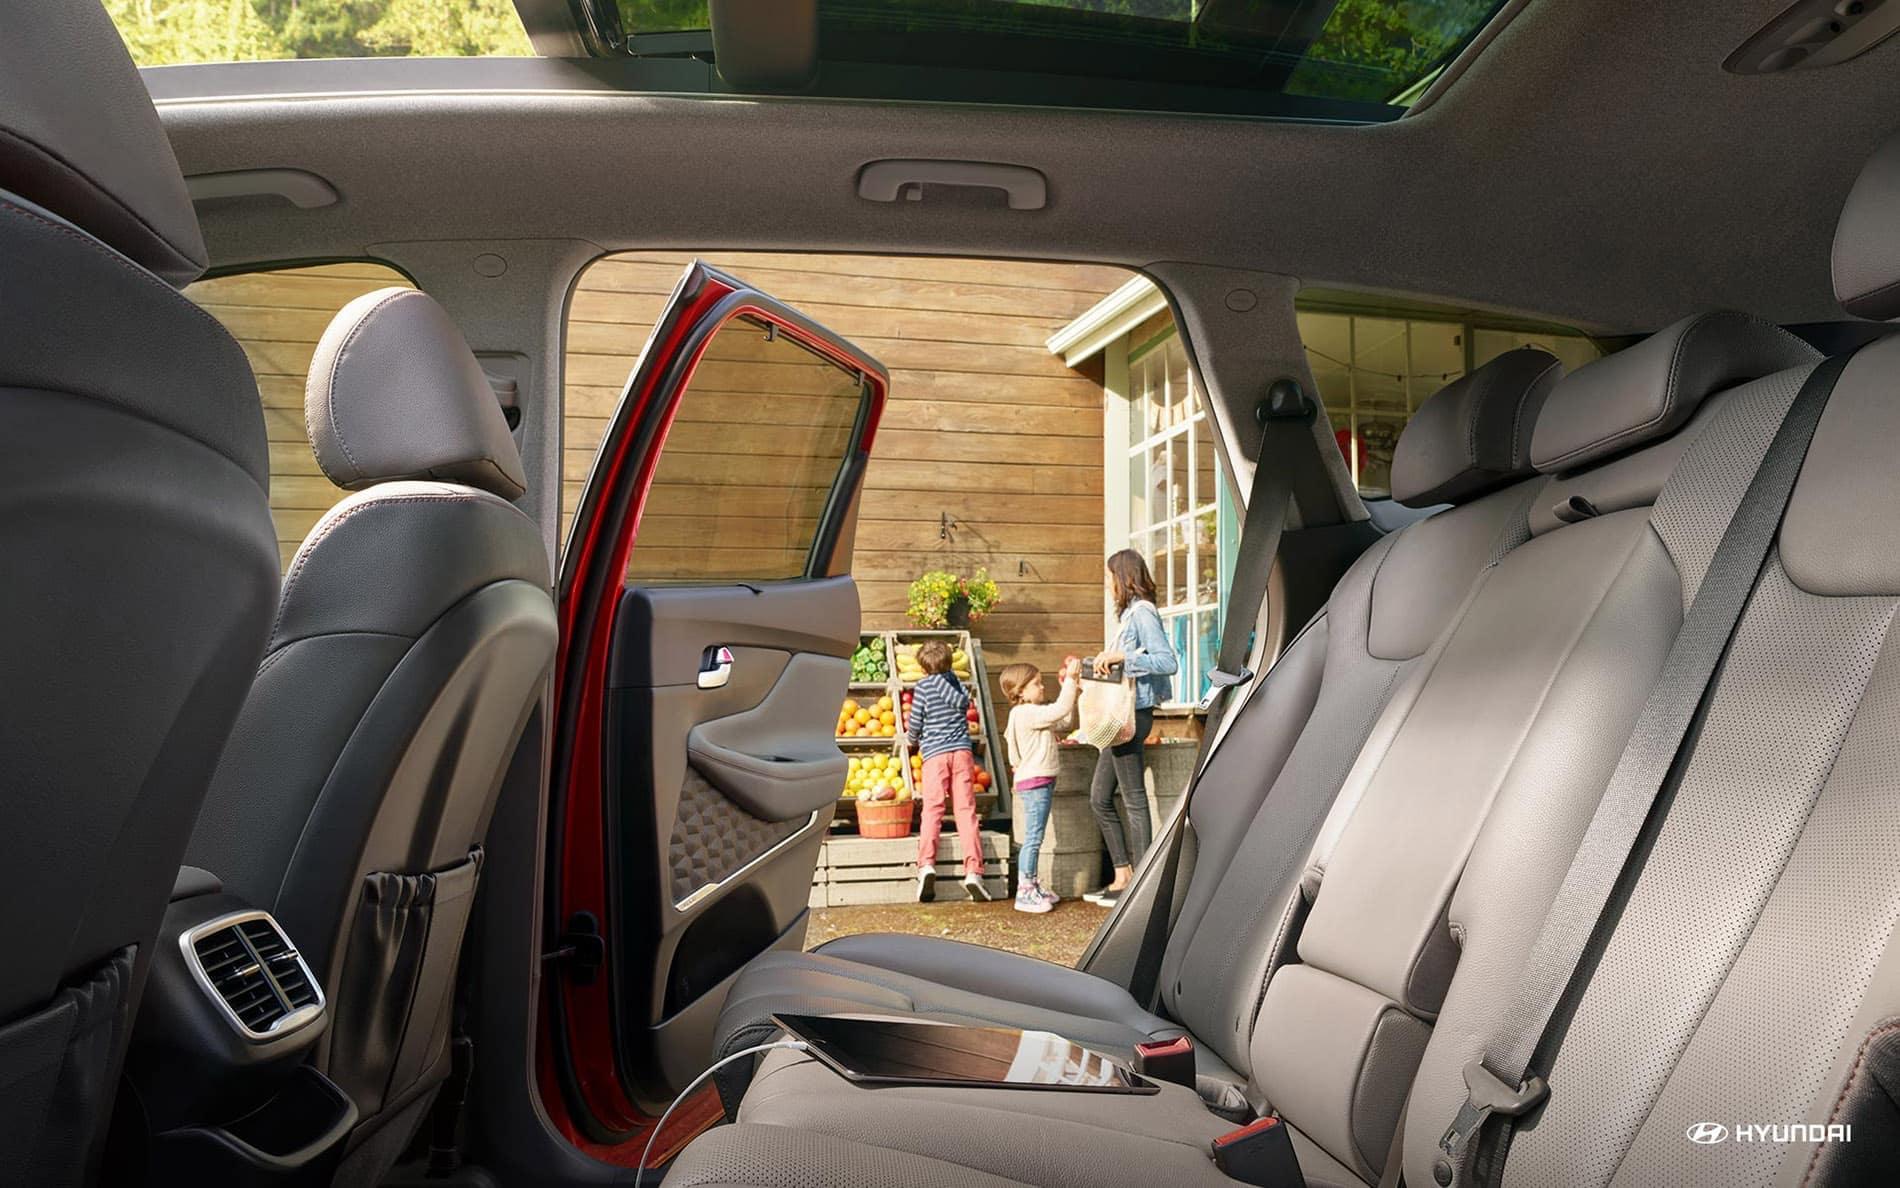 2020 Hyundai Santa Fe back interior